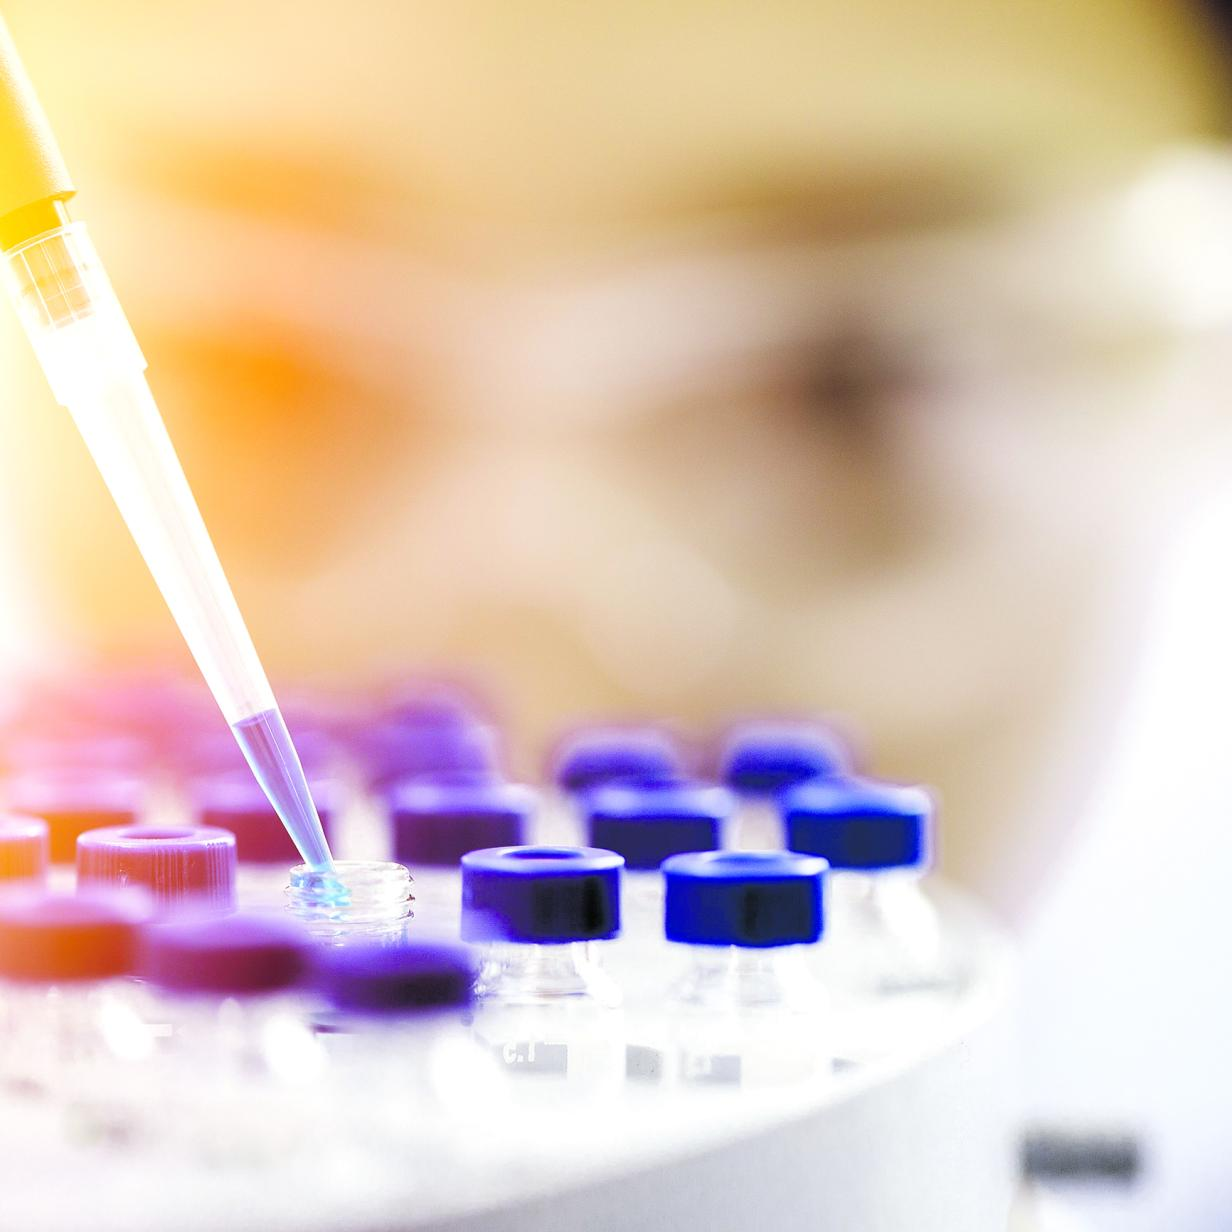 Forscher entwickeln Medikament – für nur eine Patientin